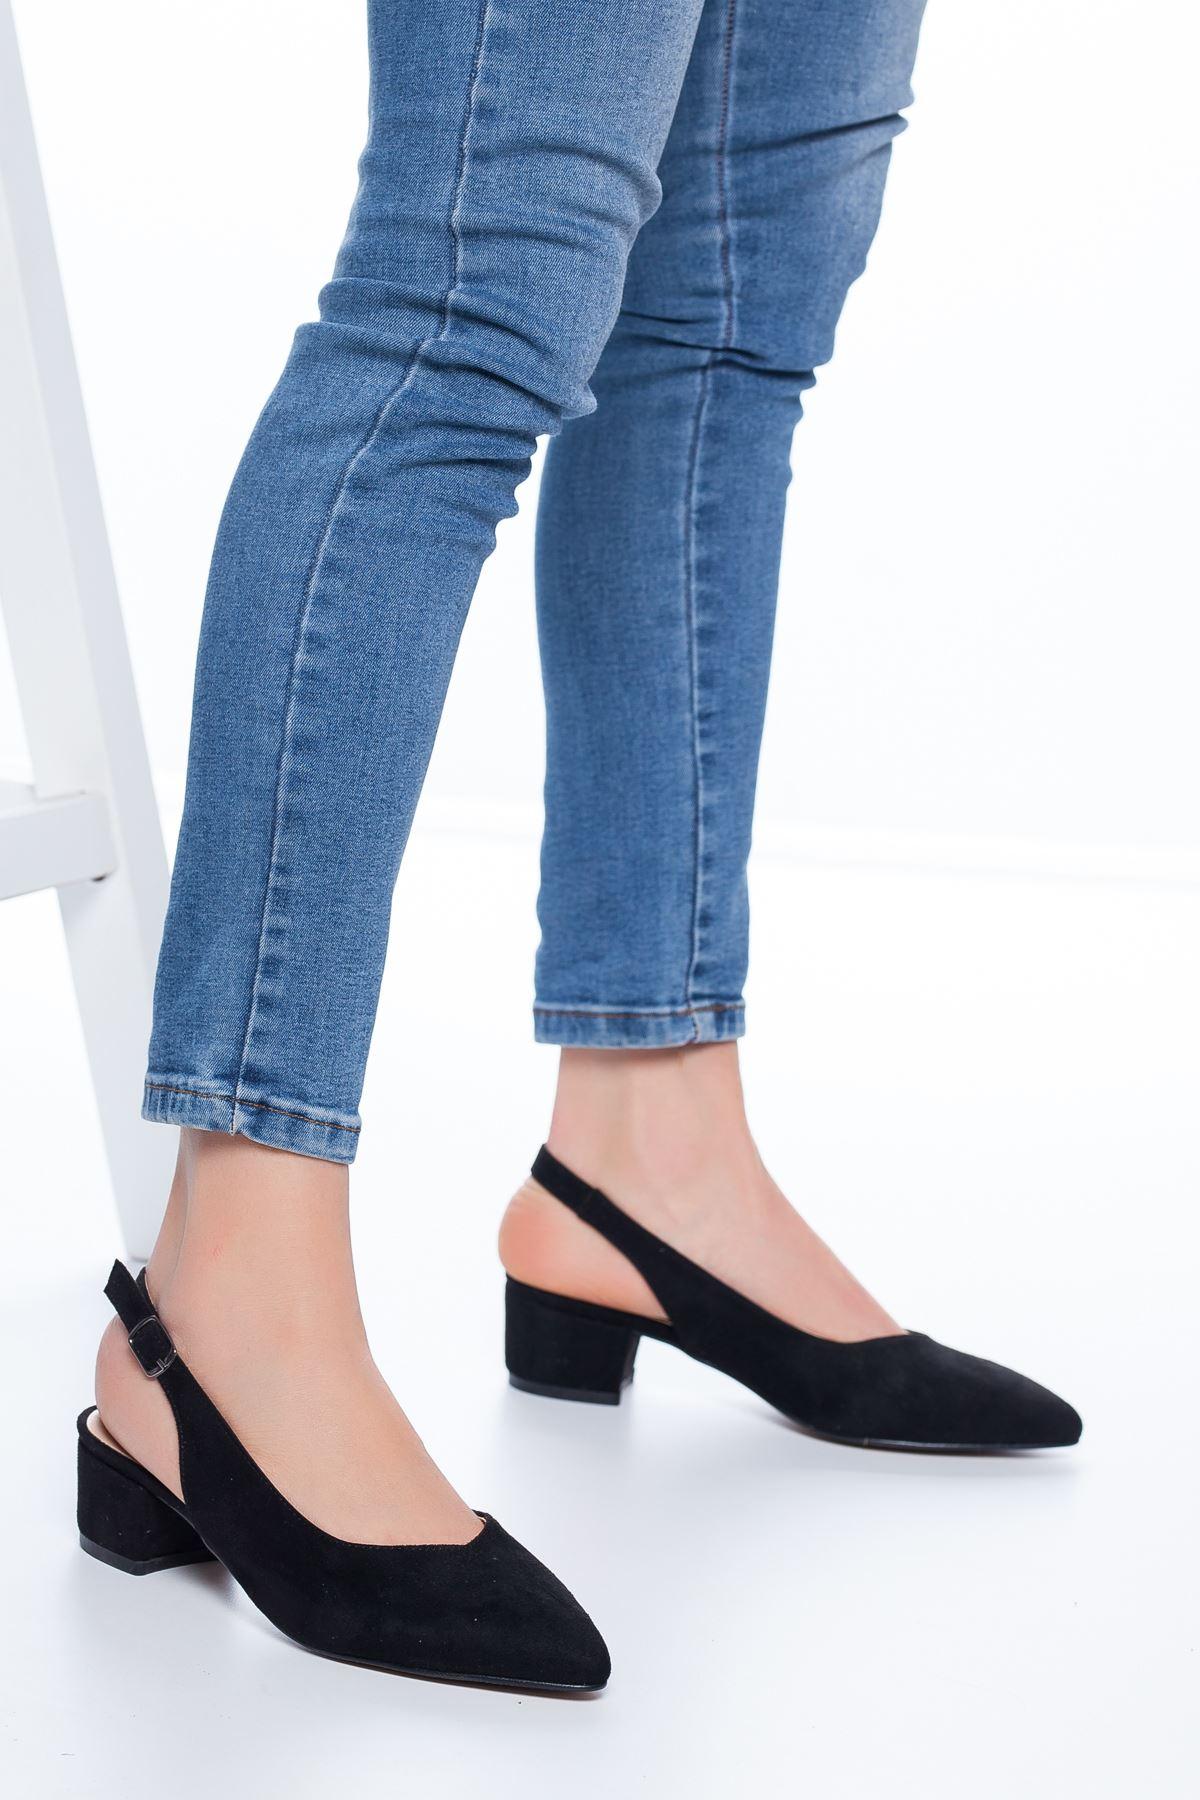 Adesa Topuklu Süet Ayakkabı Siyah